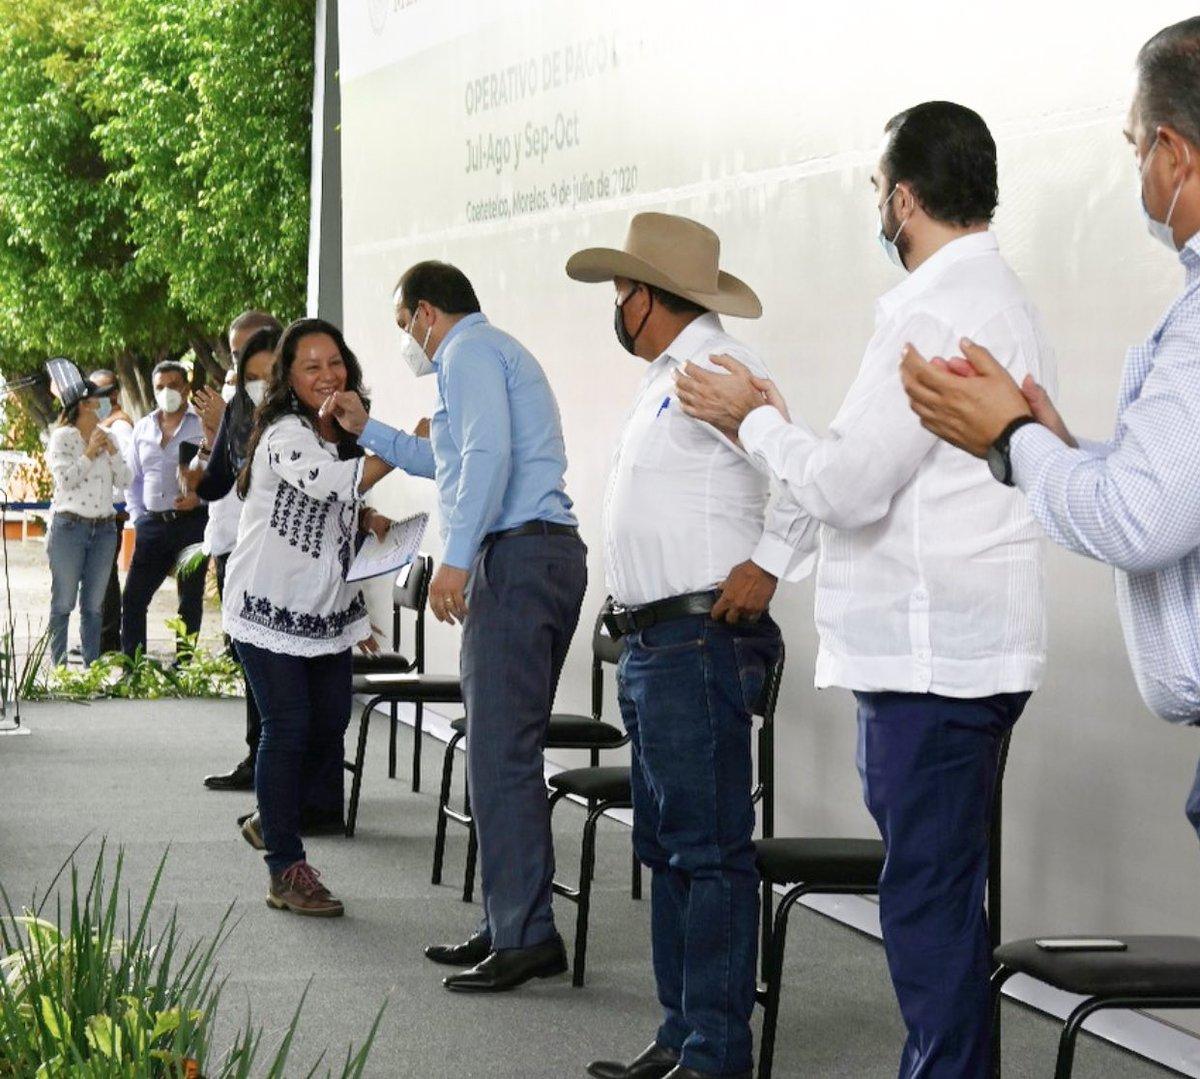 Junto a @A_MontielR, iniciamos gira por #Morelos para supervisar los operativos de adelanto de las Pensiones para #AdultosMayores y #PersonasConDiscapacidad. Agradezco al gobernador, @cuauhtemocb10 y al delegado de Programas Integrales @hugoericflores por acompañarnos. (1/2)